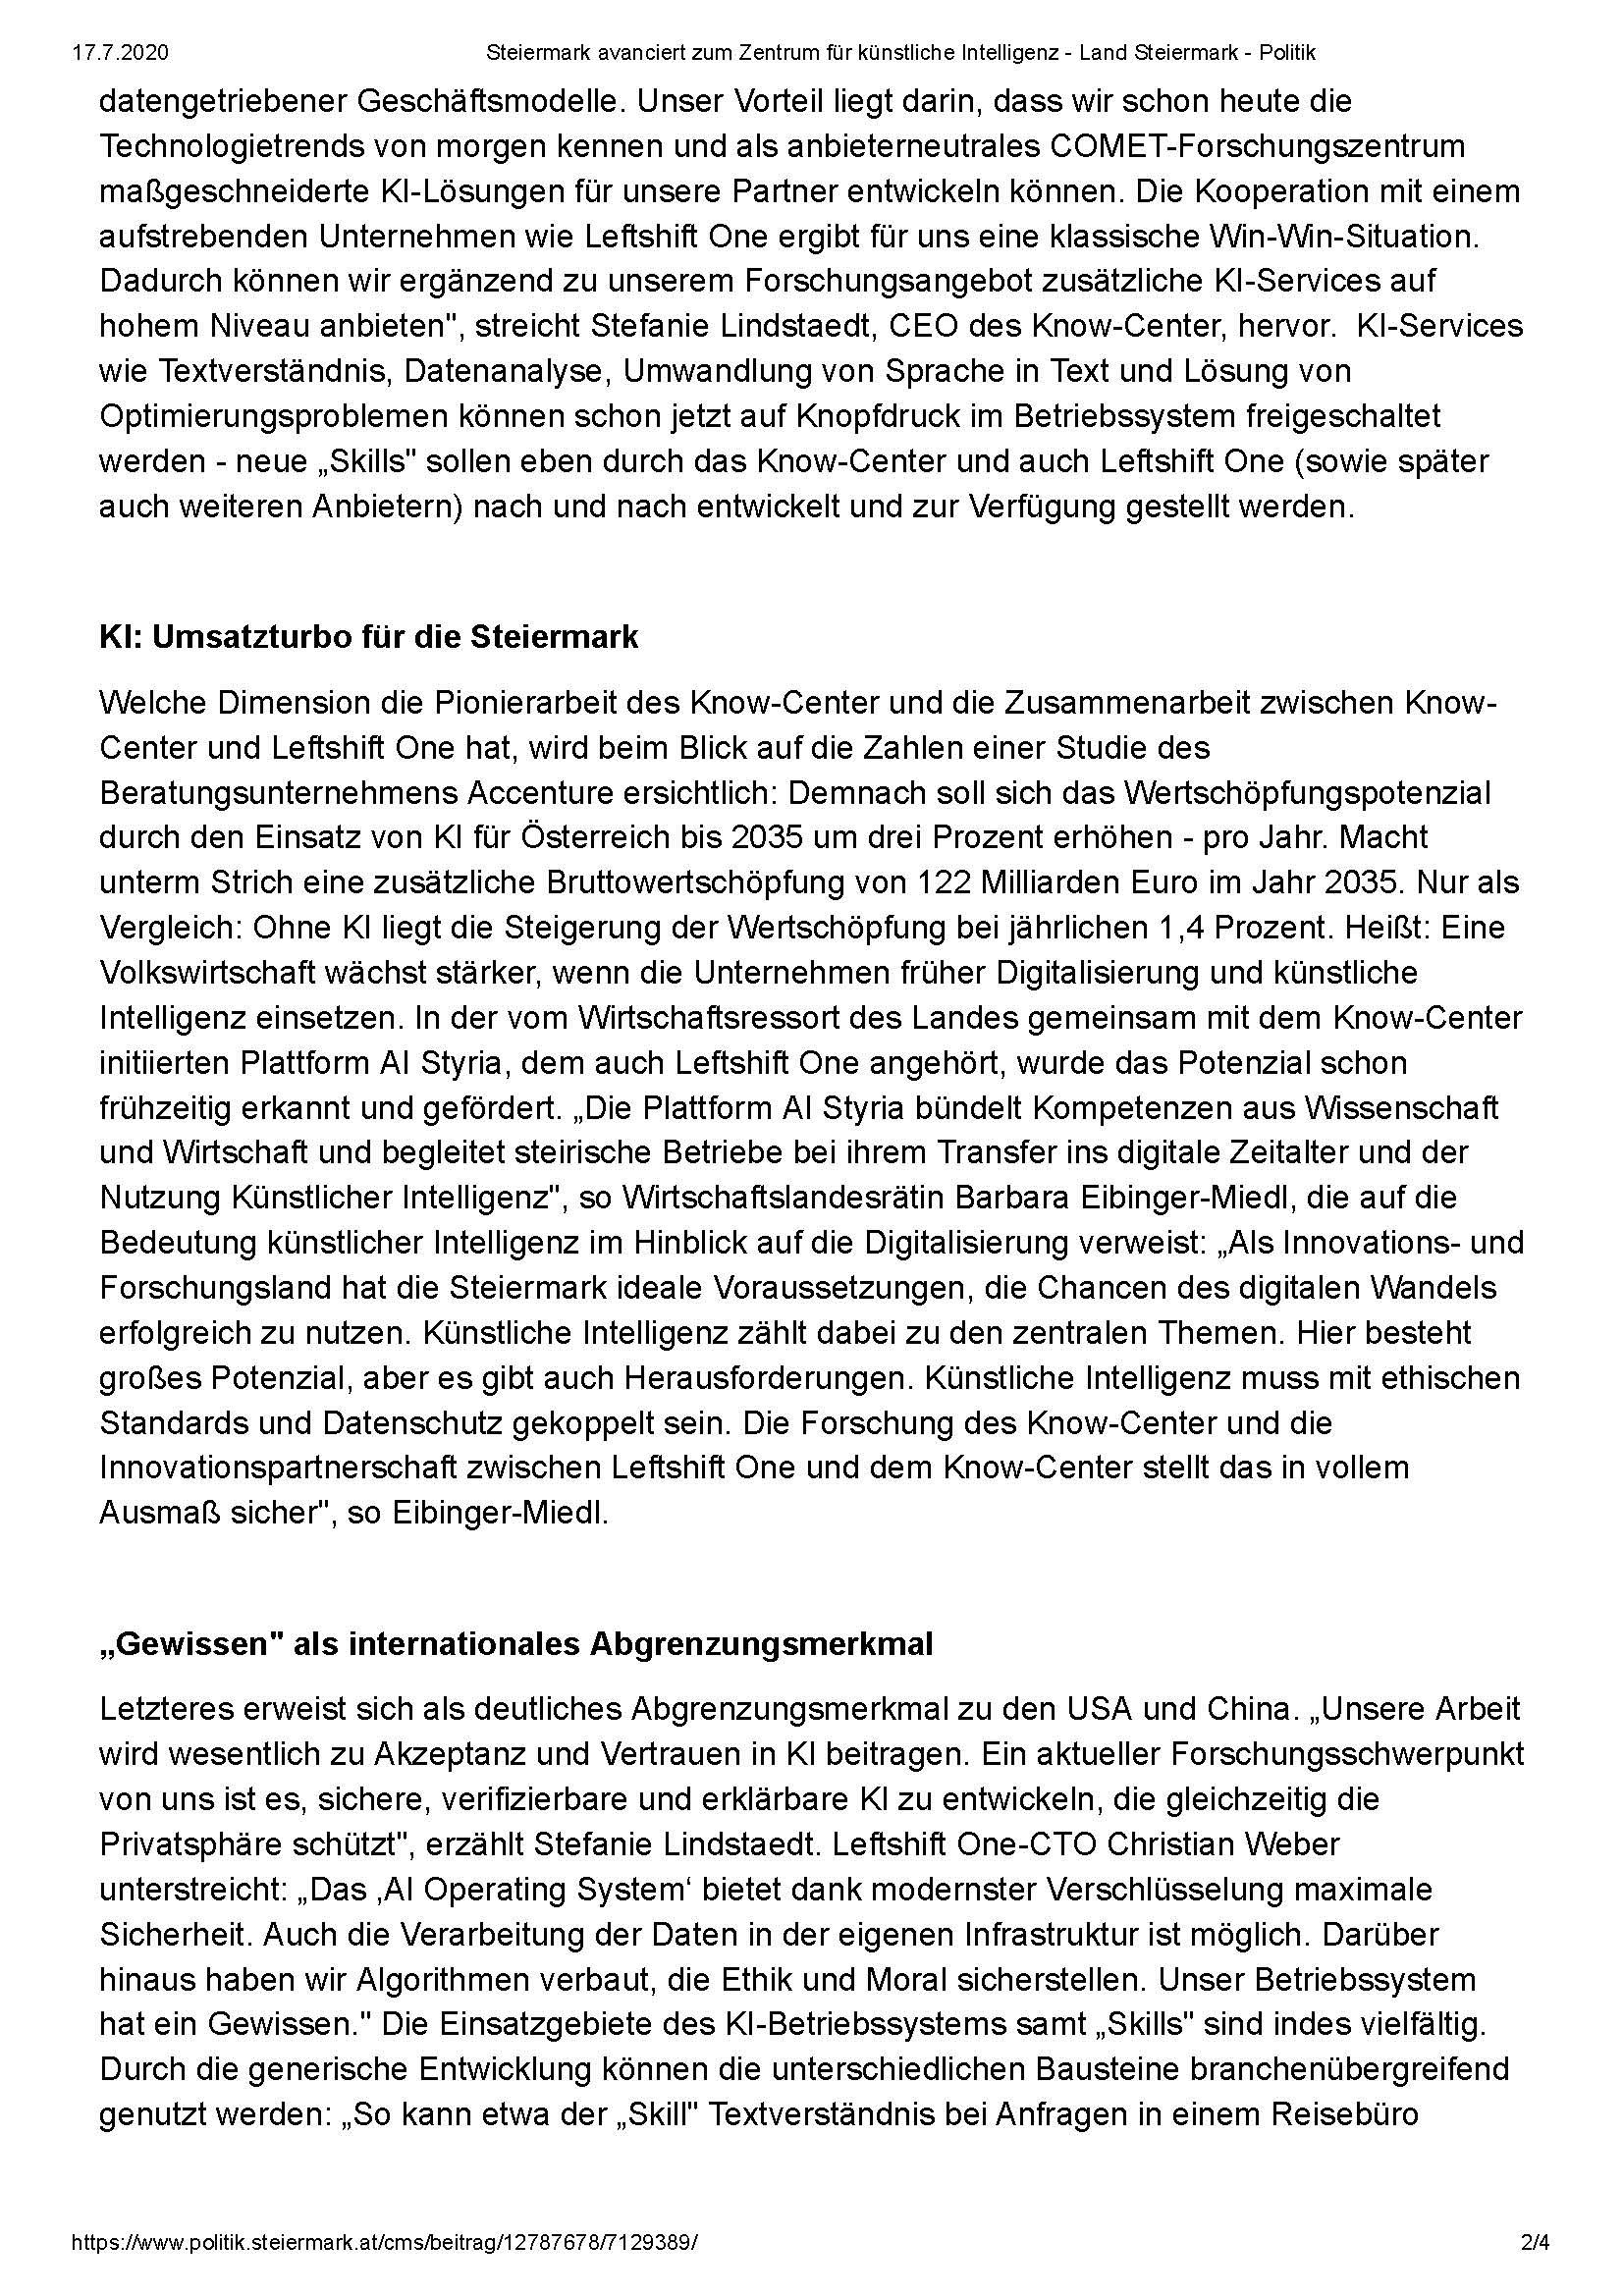 2020-07-07_Steiermark avanciert zum Zentrum für künstliche Intelligenz-Land Steiermark - Politik_Seite_2